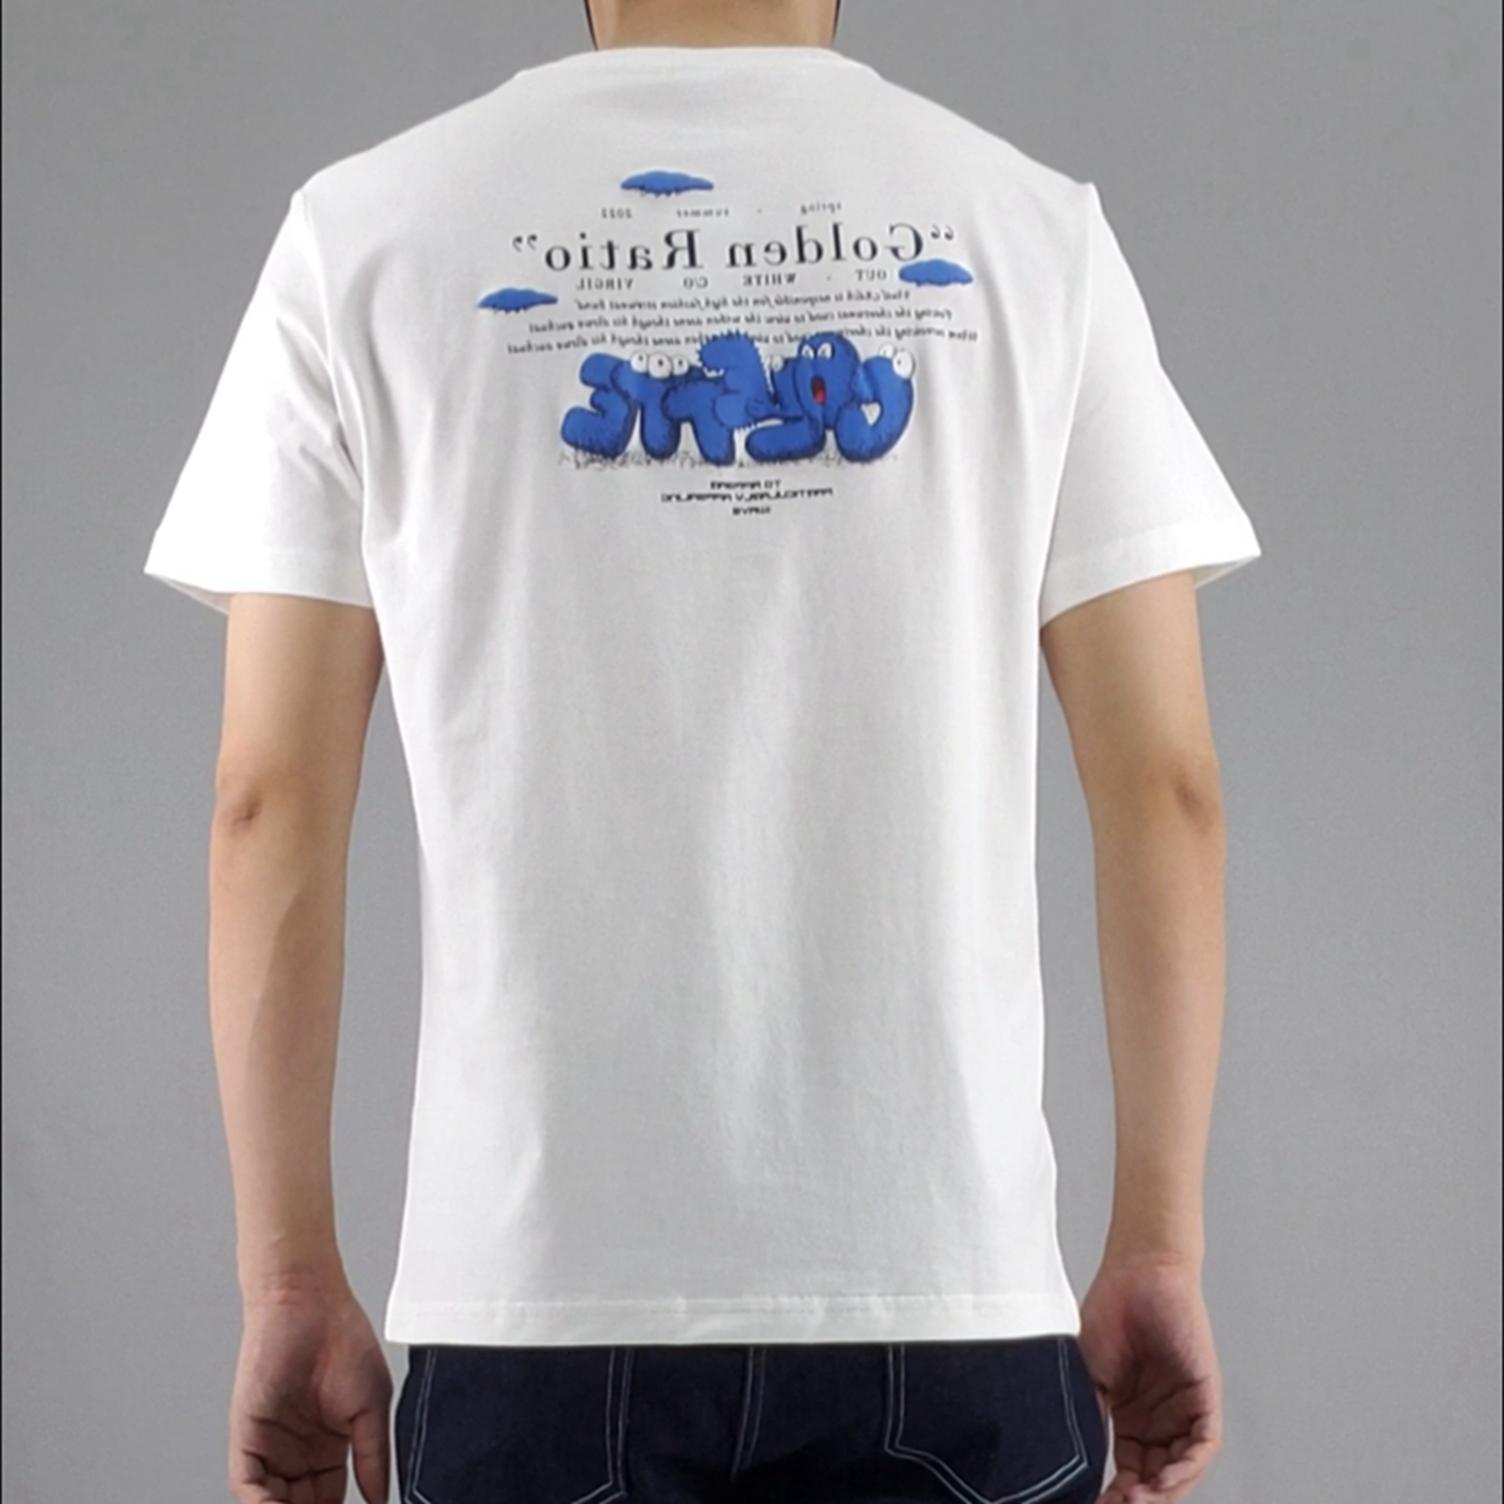 短袖T恤男小清新款夏季萌趣印花上衣舒适纯棉体恤衫学生男士半袖